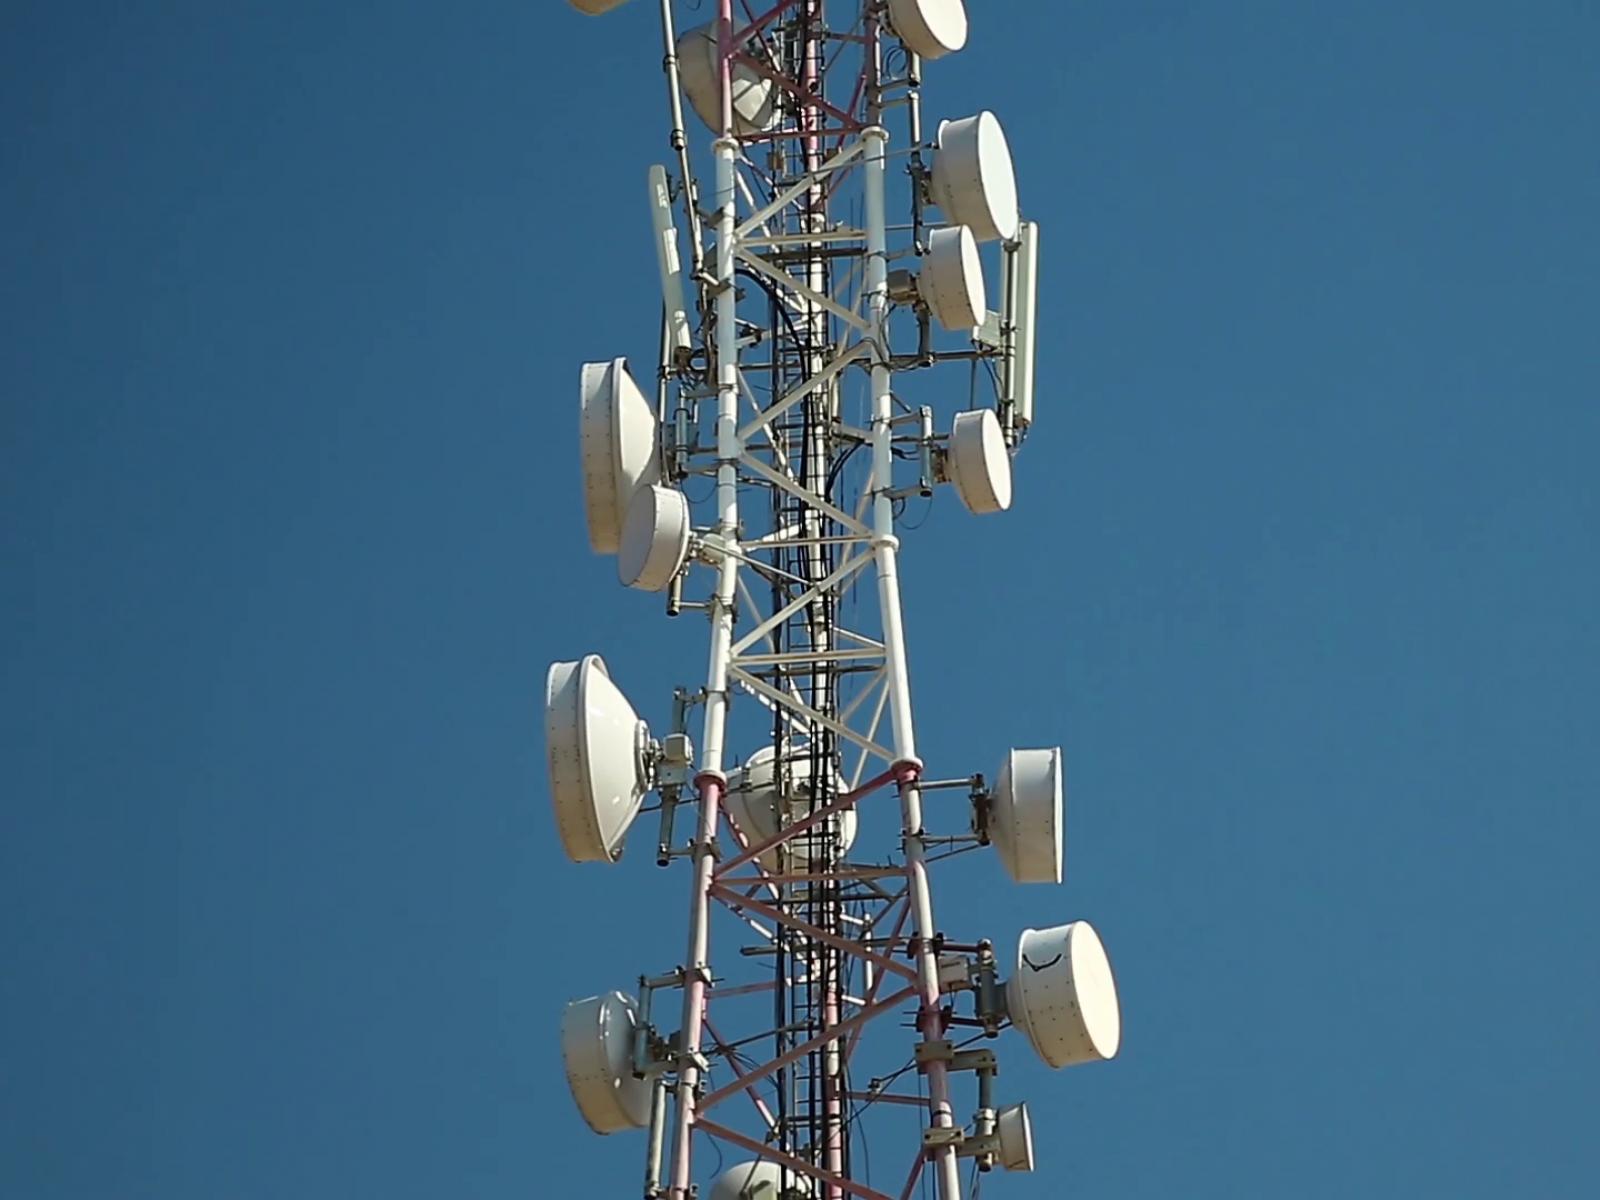 """Immagine articolo: Sambuca """"dimenticata"""" dalla Telecom. Telefoni muti, disagi da oltre un mese e proteste. Intanto le bollette arrivano.."""